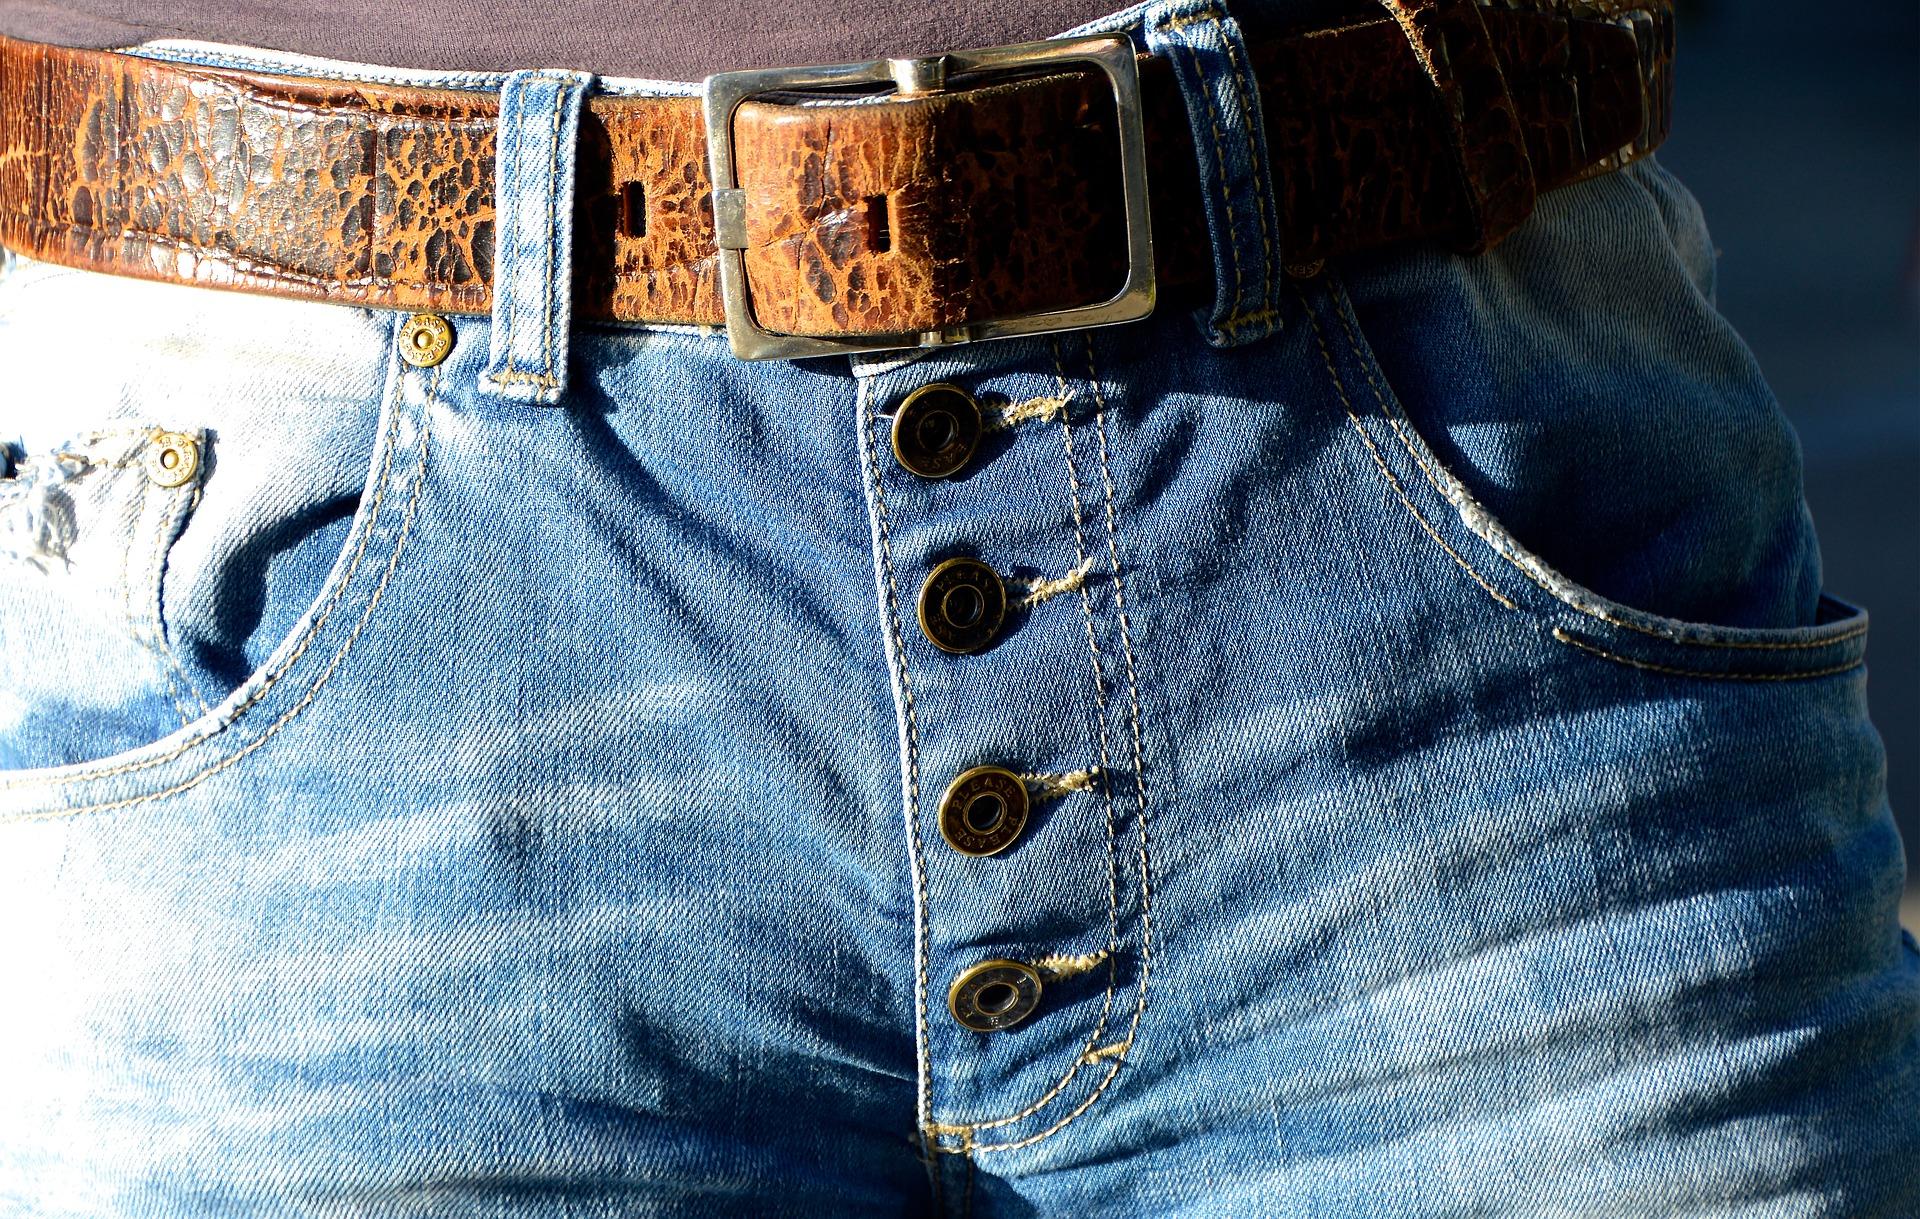 belts-1583543_1920-1